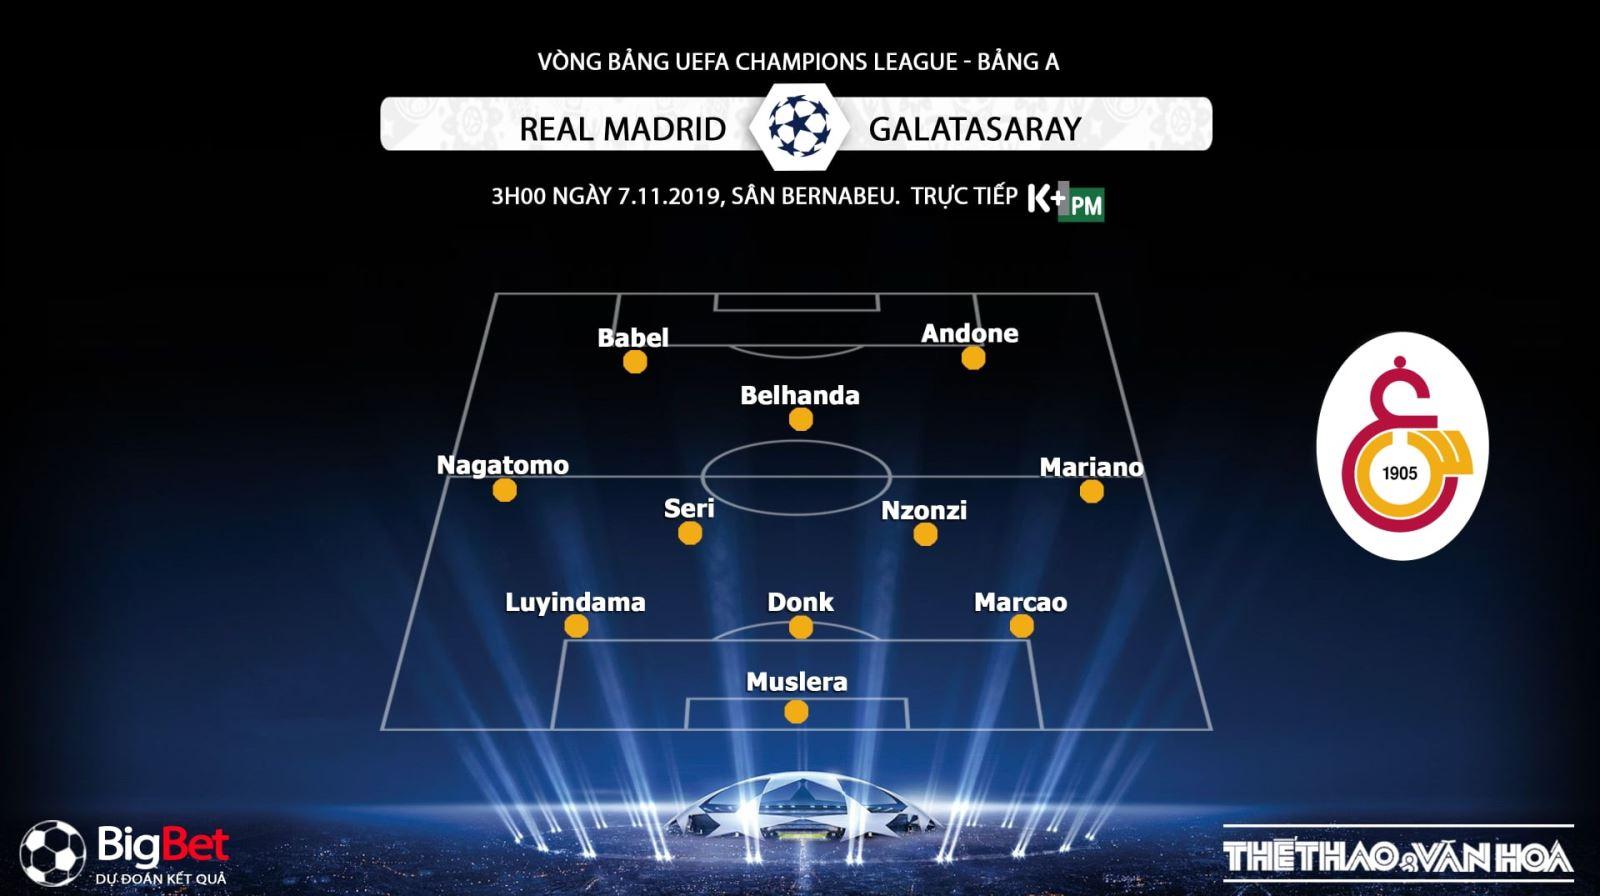 Chú thích ảnhkeo bong da, Real Madrid đấu với Galatasaray, kèo Real Madrid, truc tiep bong da hom nay, K+, K+PM, trực tiếp bóng đá, Real Madrid vs Galatasaray, xem bong da truc tiep, xem bóng đá trực tuyến